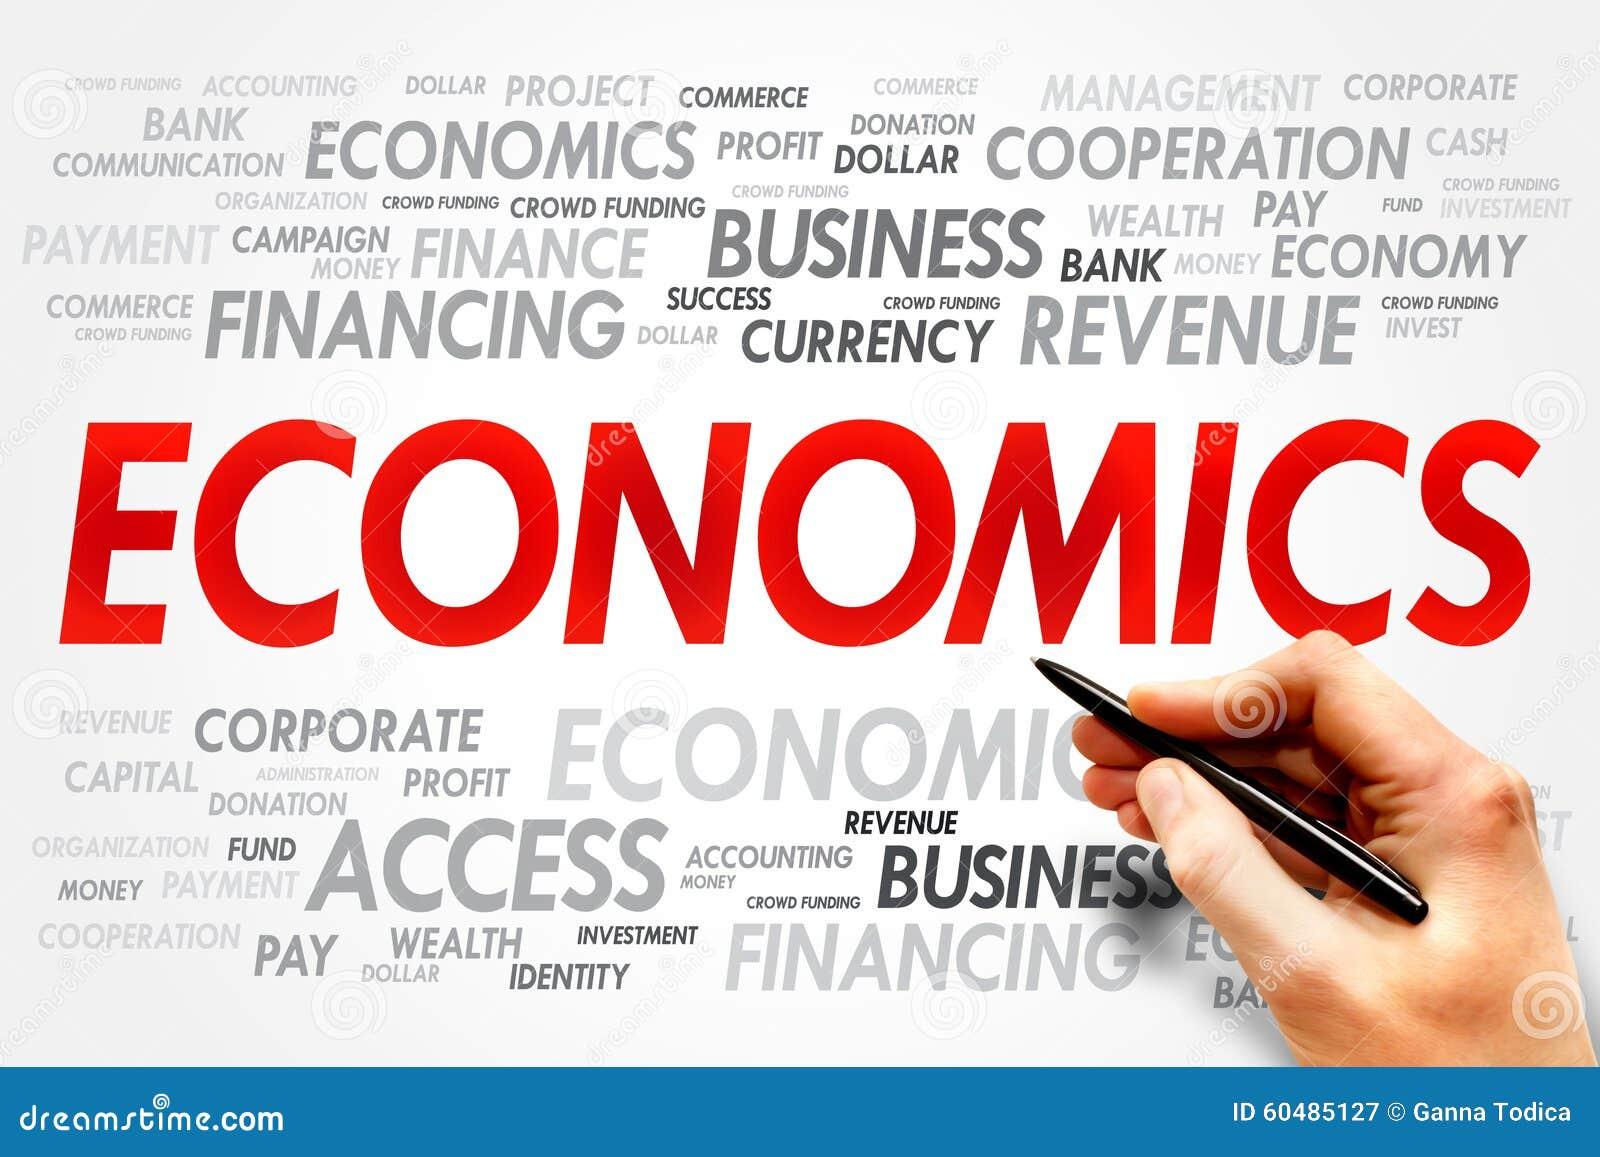 ECON 545 Business Economics